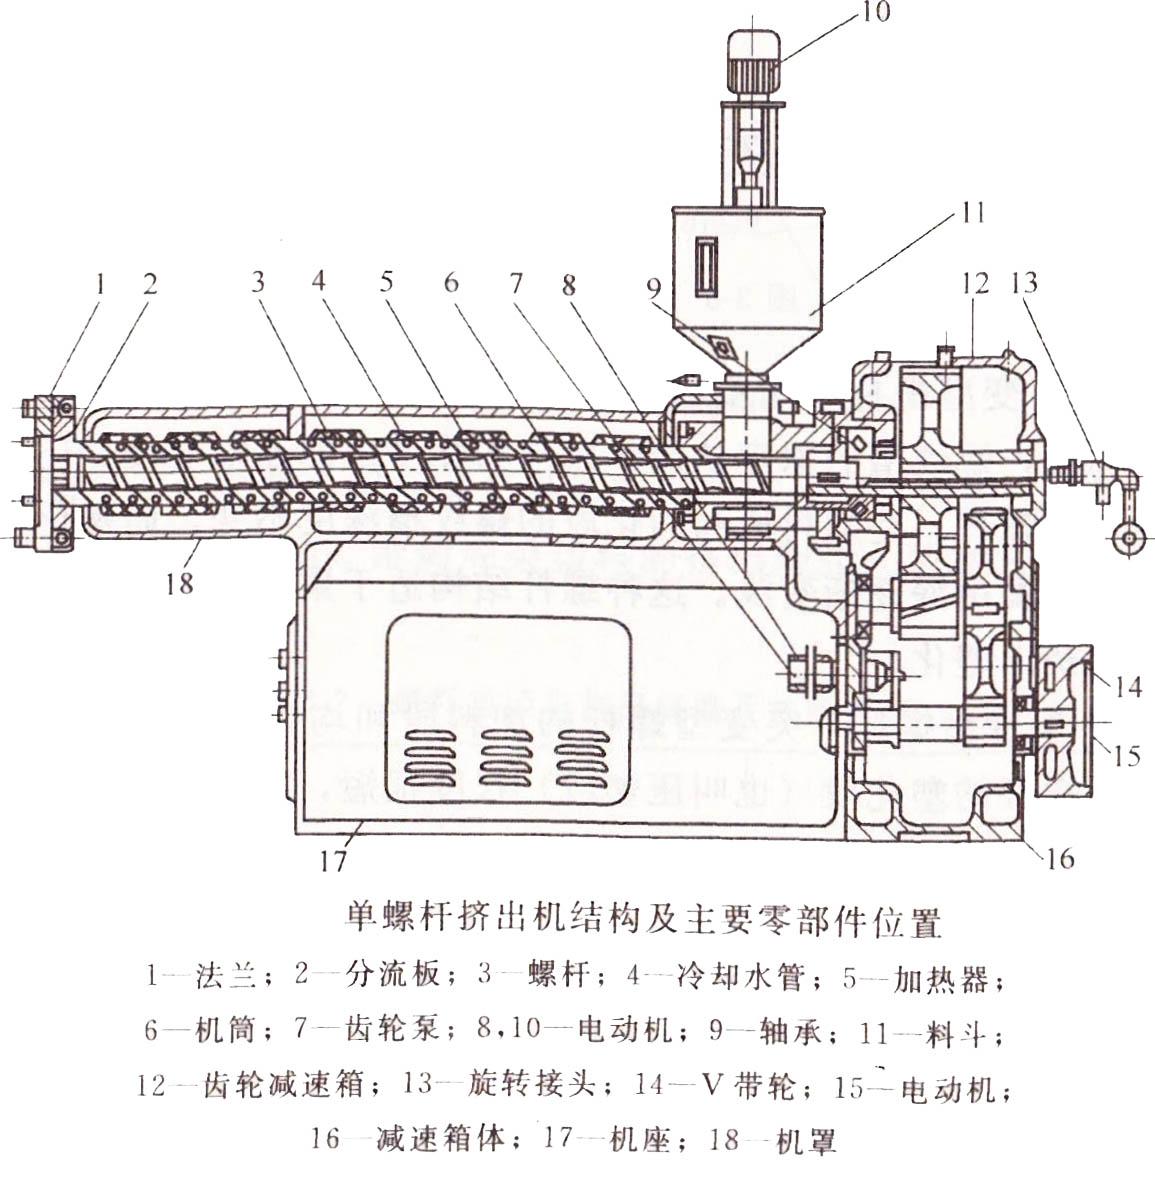 單螺桿擠出機結構及主要零部件